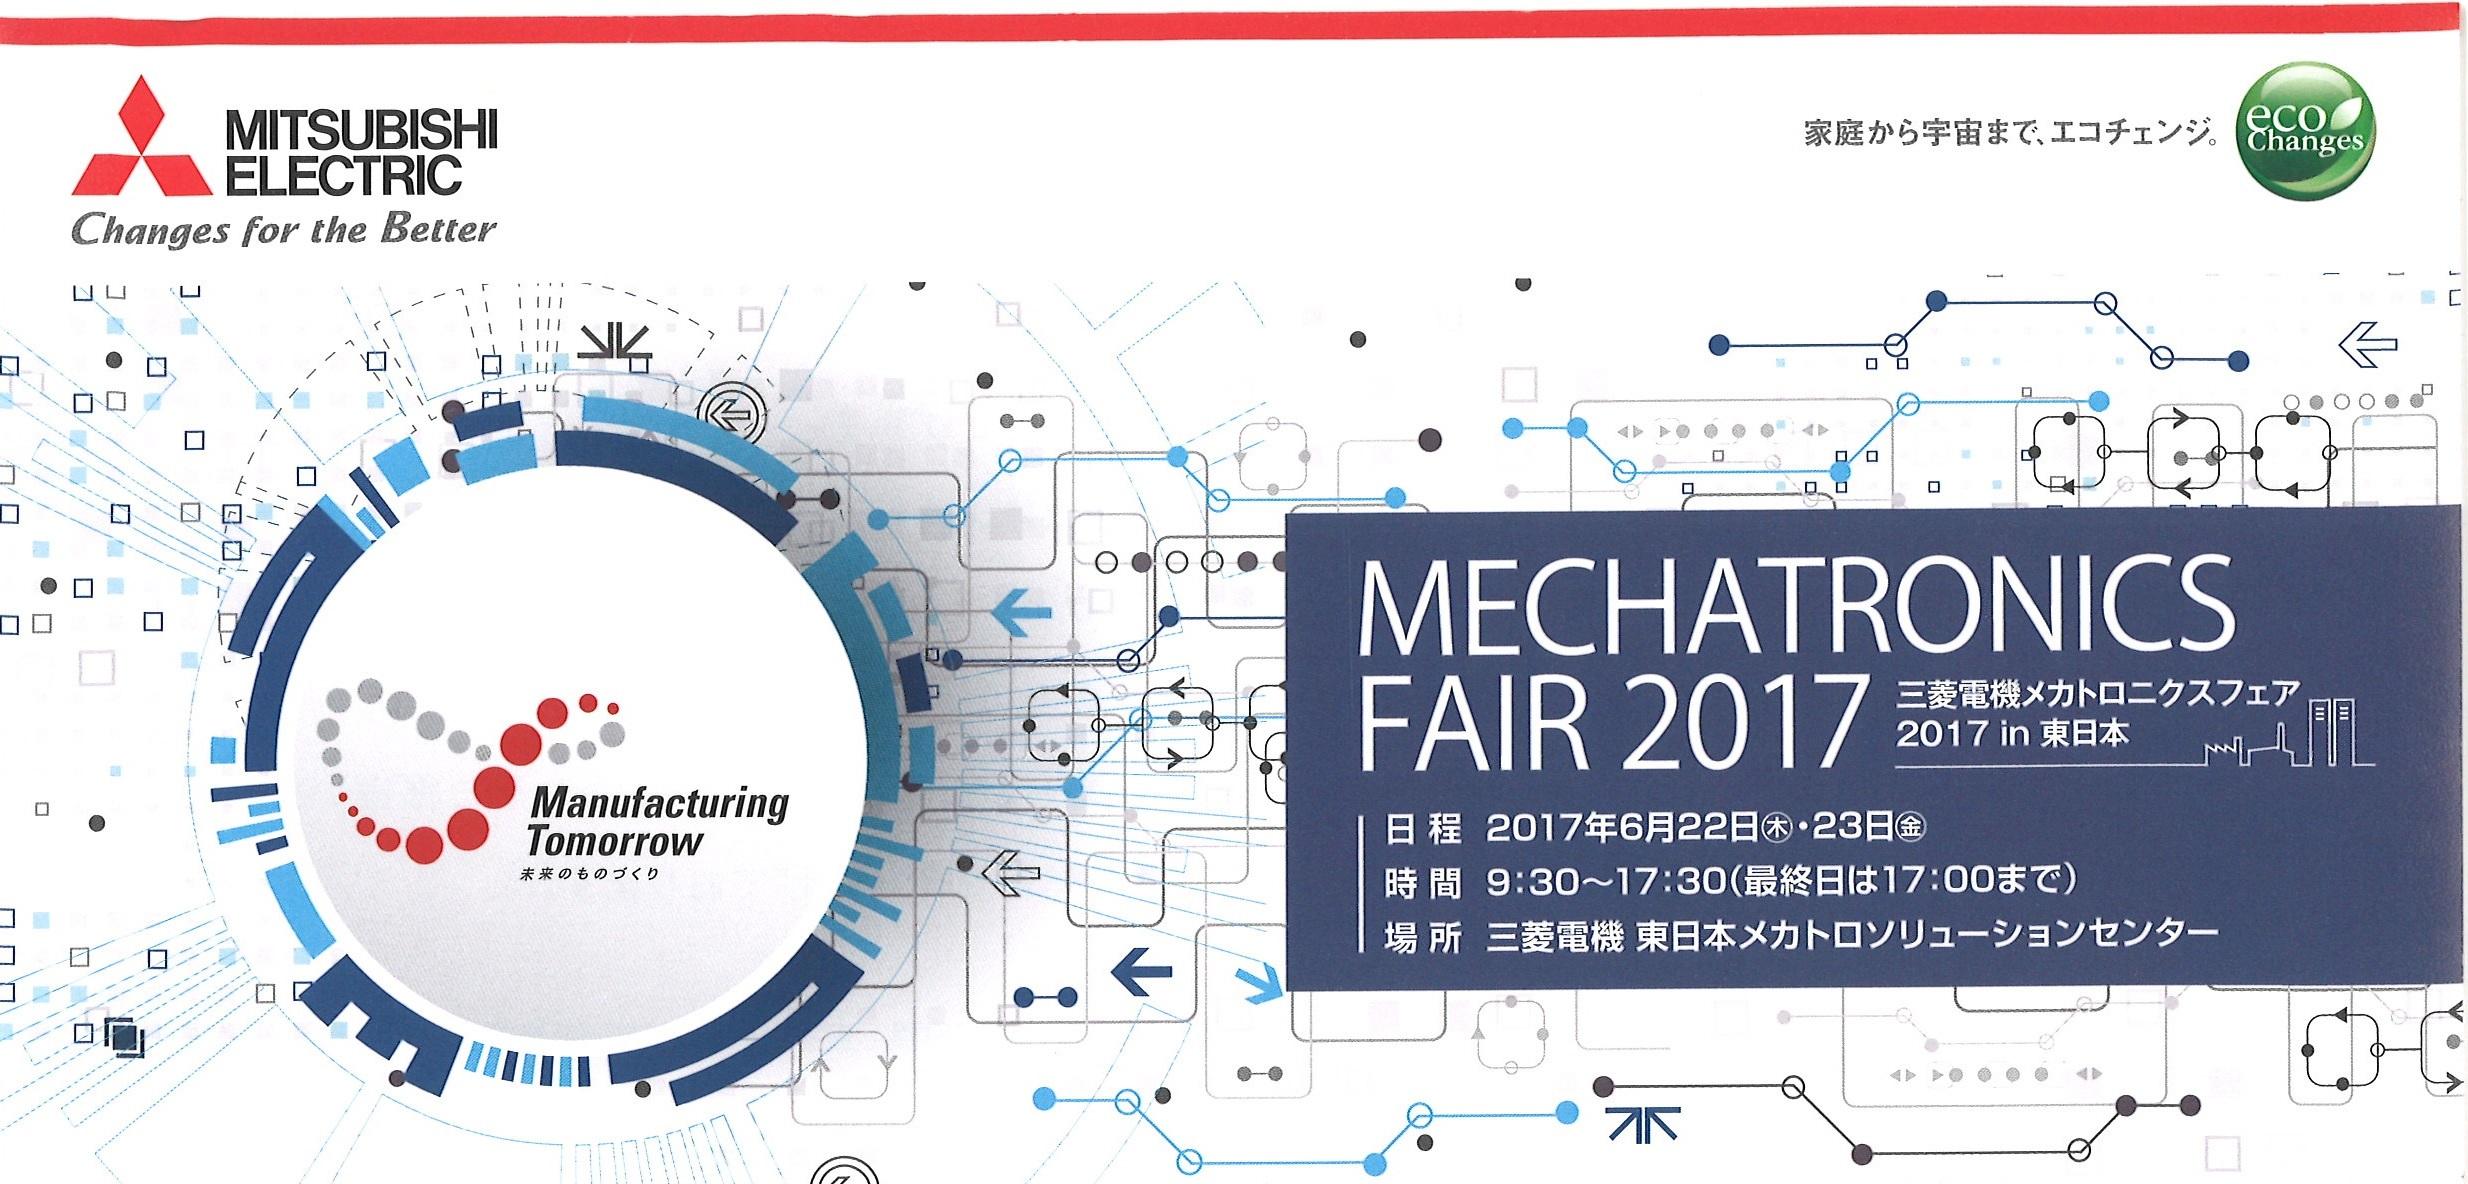 6月開催「三菱電機メカトロニクスフェア2017 in 東日本」展示会&セミナーのお知らせ